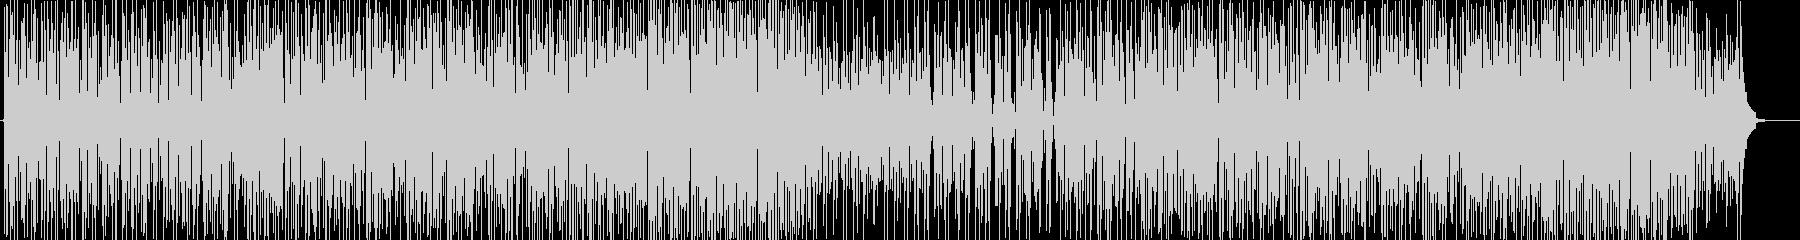 口笛の明るく爽やかなポップ曲-CM動画等の未再生の波形